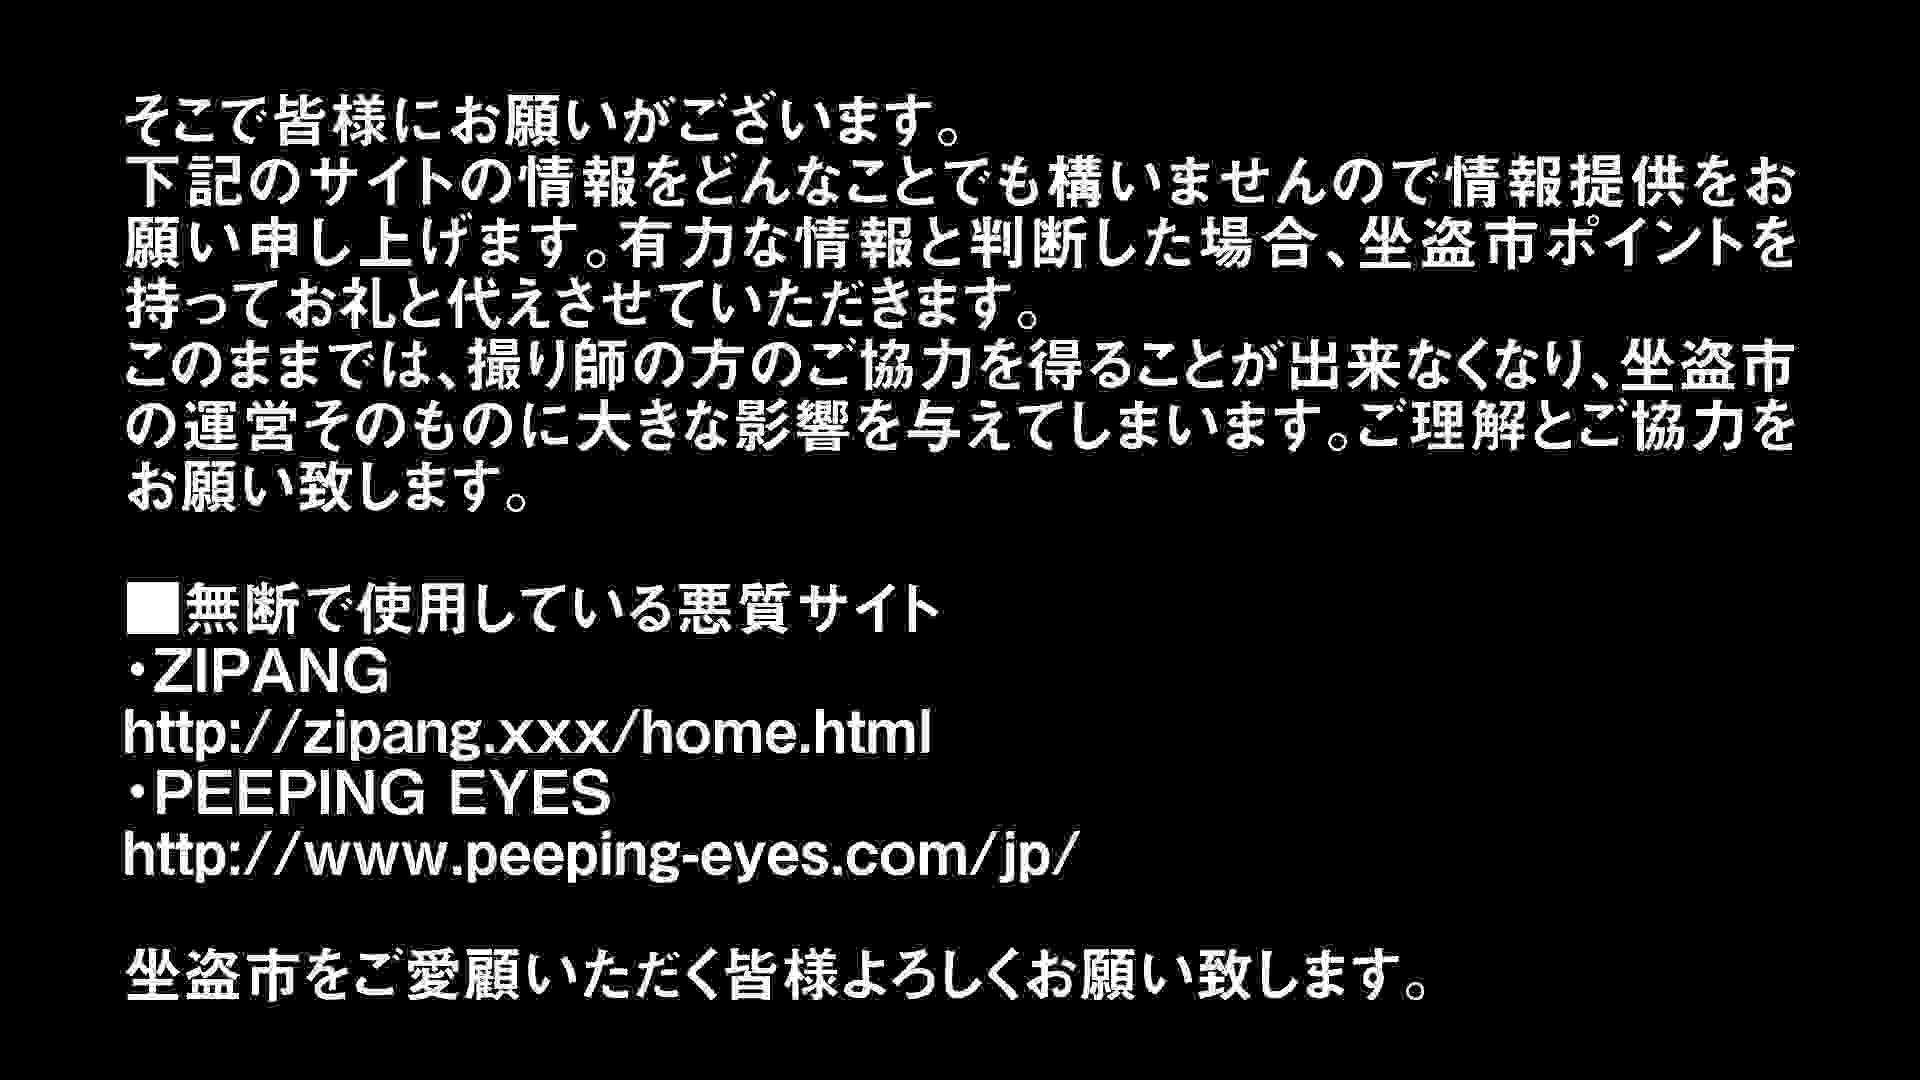 Aquaな露天風呂Vol.296 盗撮  91画像 39